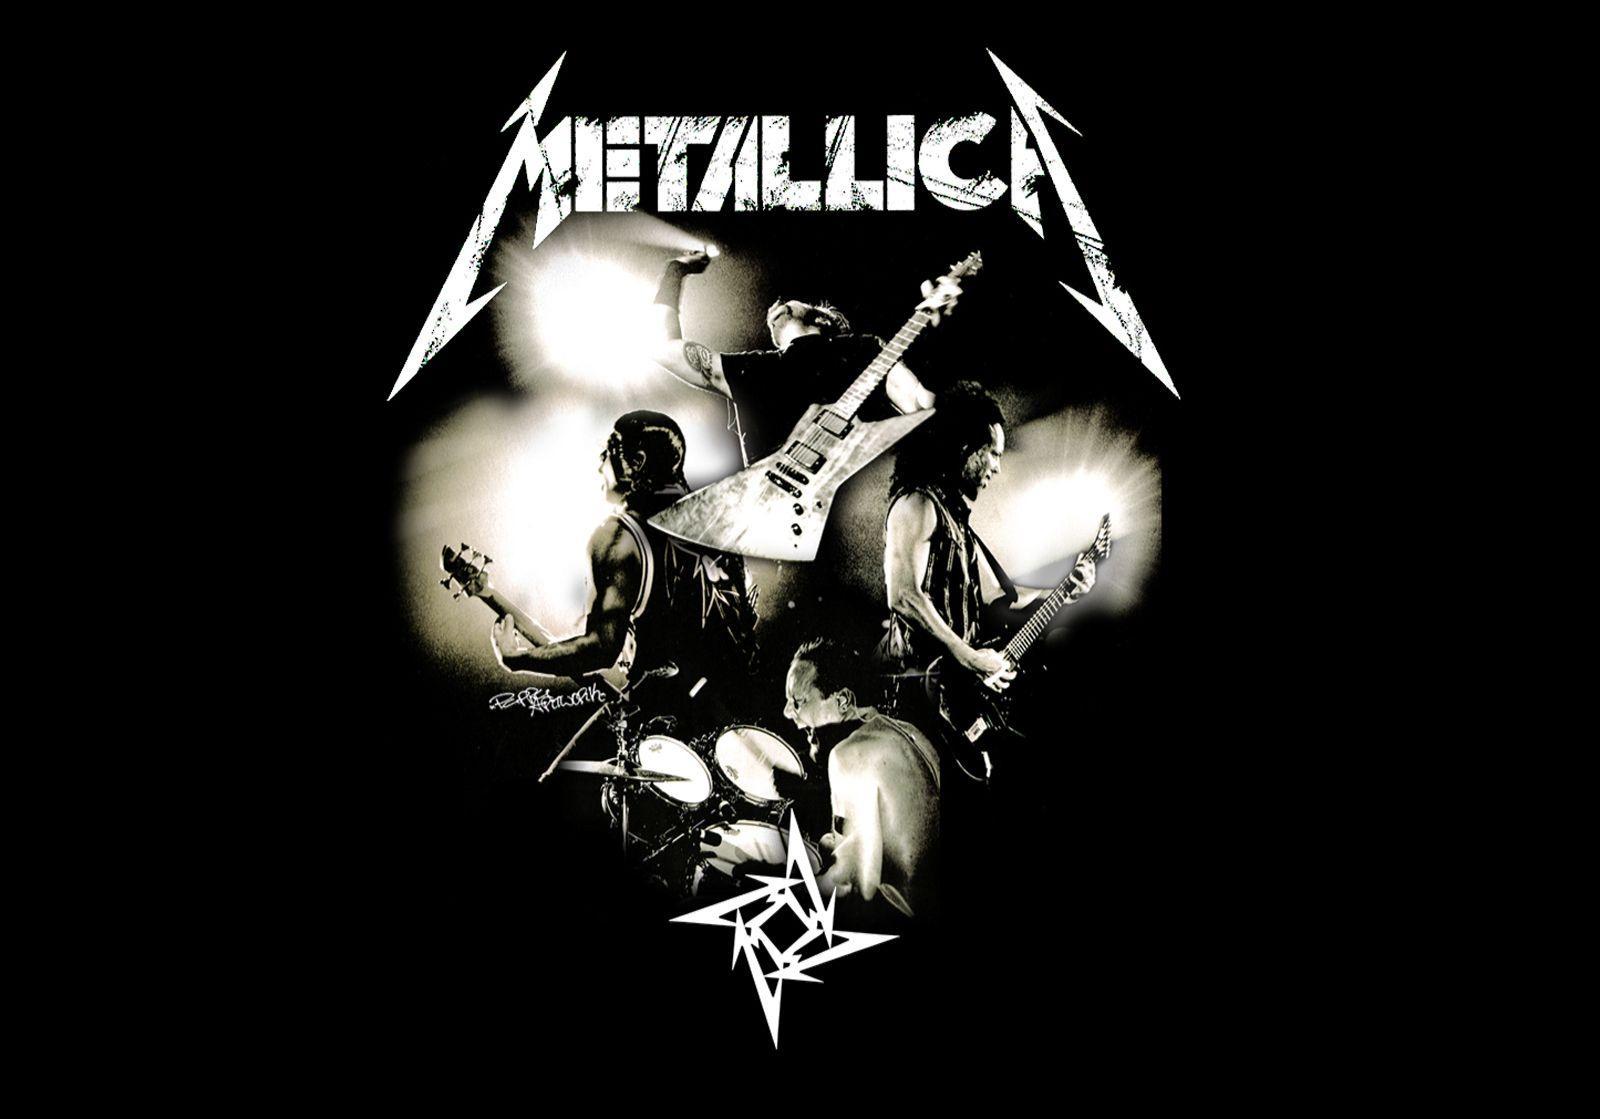 Metallica Wallpapers Top Free Metallica Backgrounds